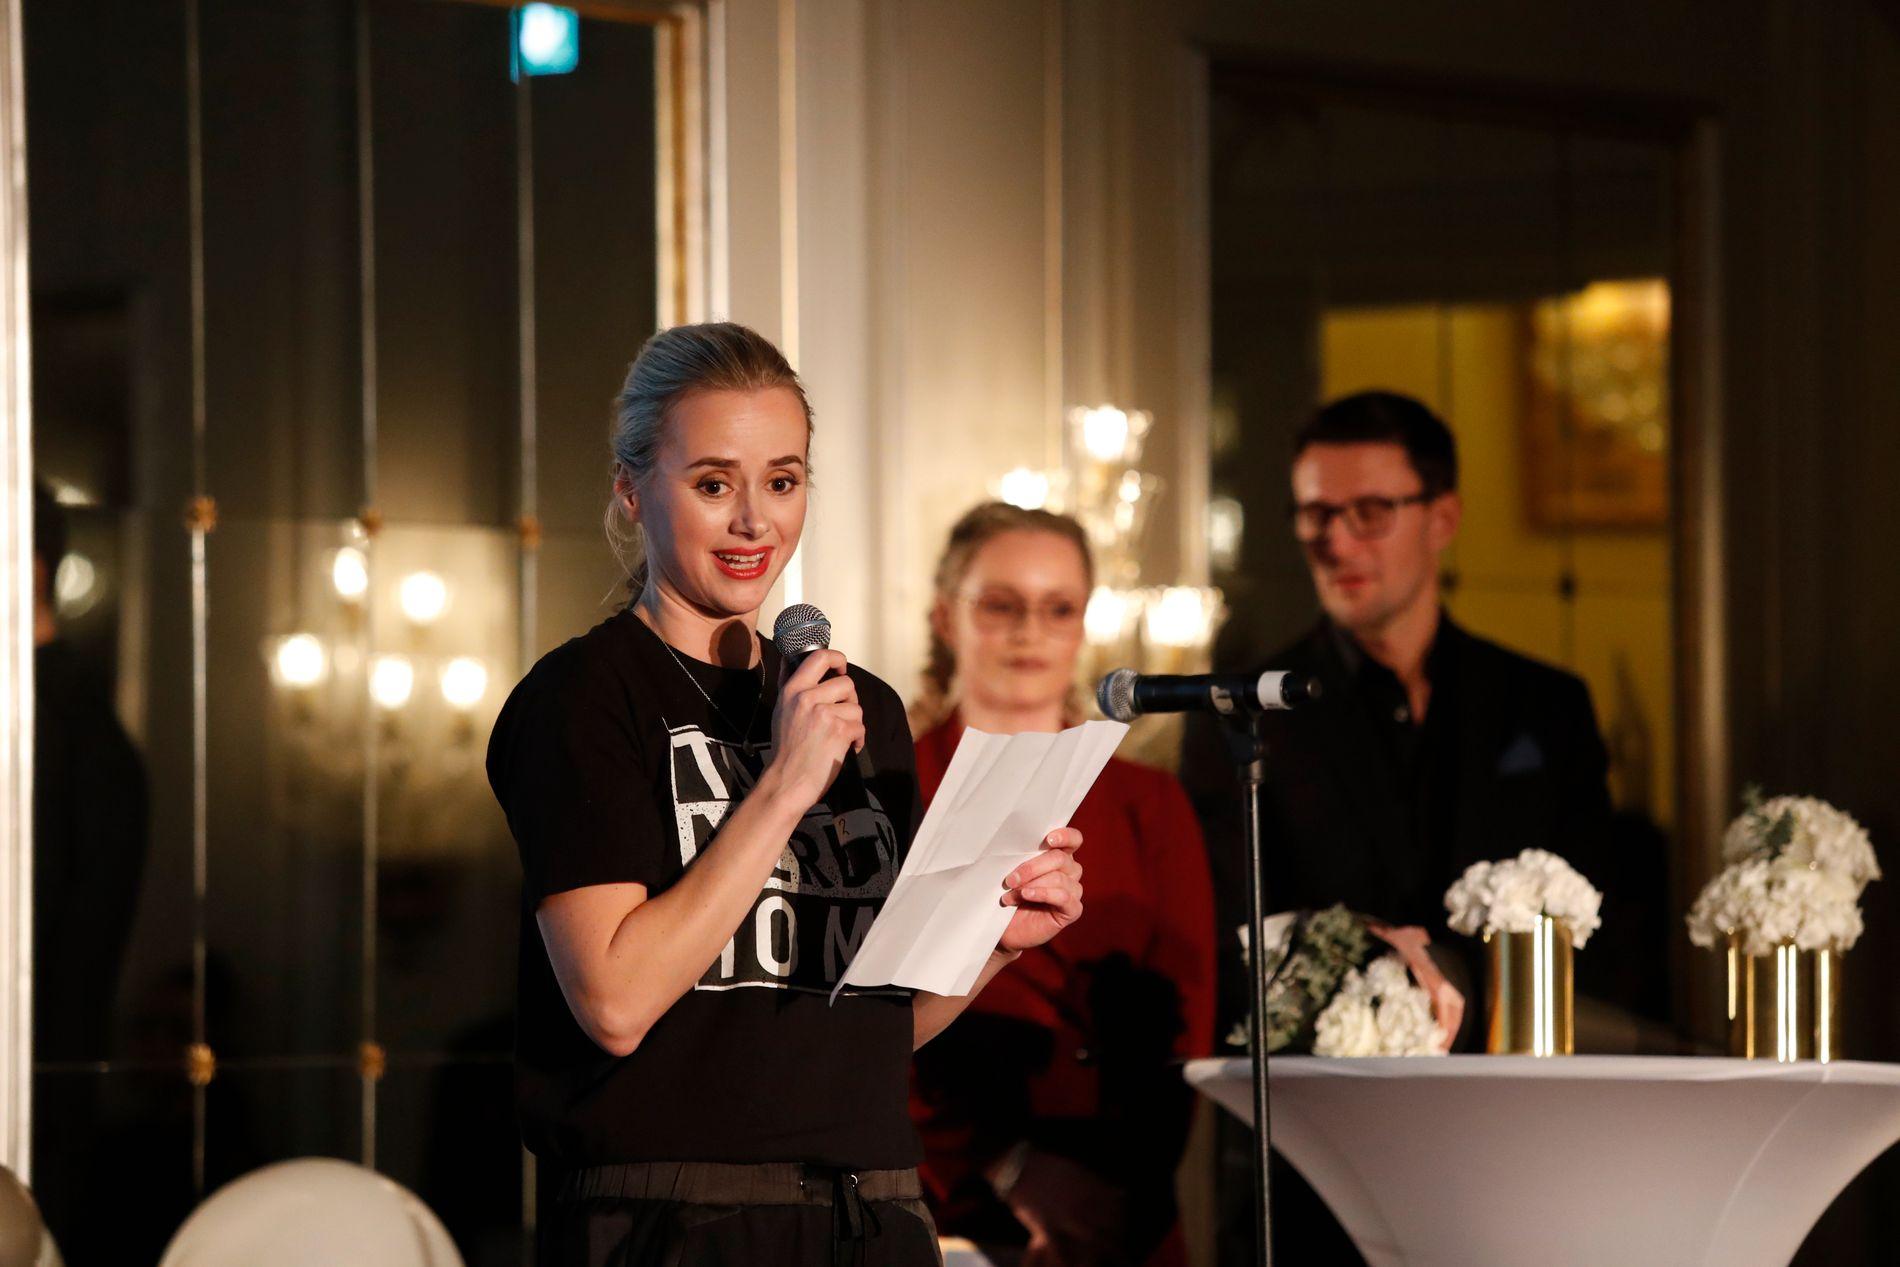 Helsesista fikk verdiprisen Årets Ladejarl tirsdag formiddag. Her er hun fotografert da hun fikk prisen årets sterke mening under Vixen Influencer Awards 2017 på Grand hotell. Foto: Terje Bendiksby / NTB scanpix